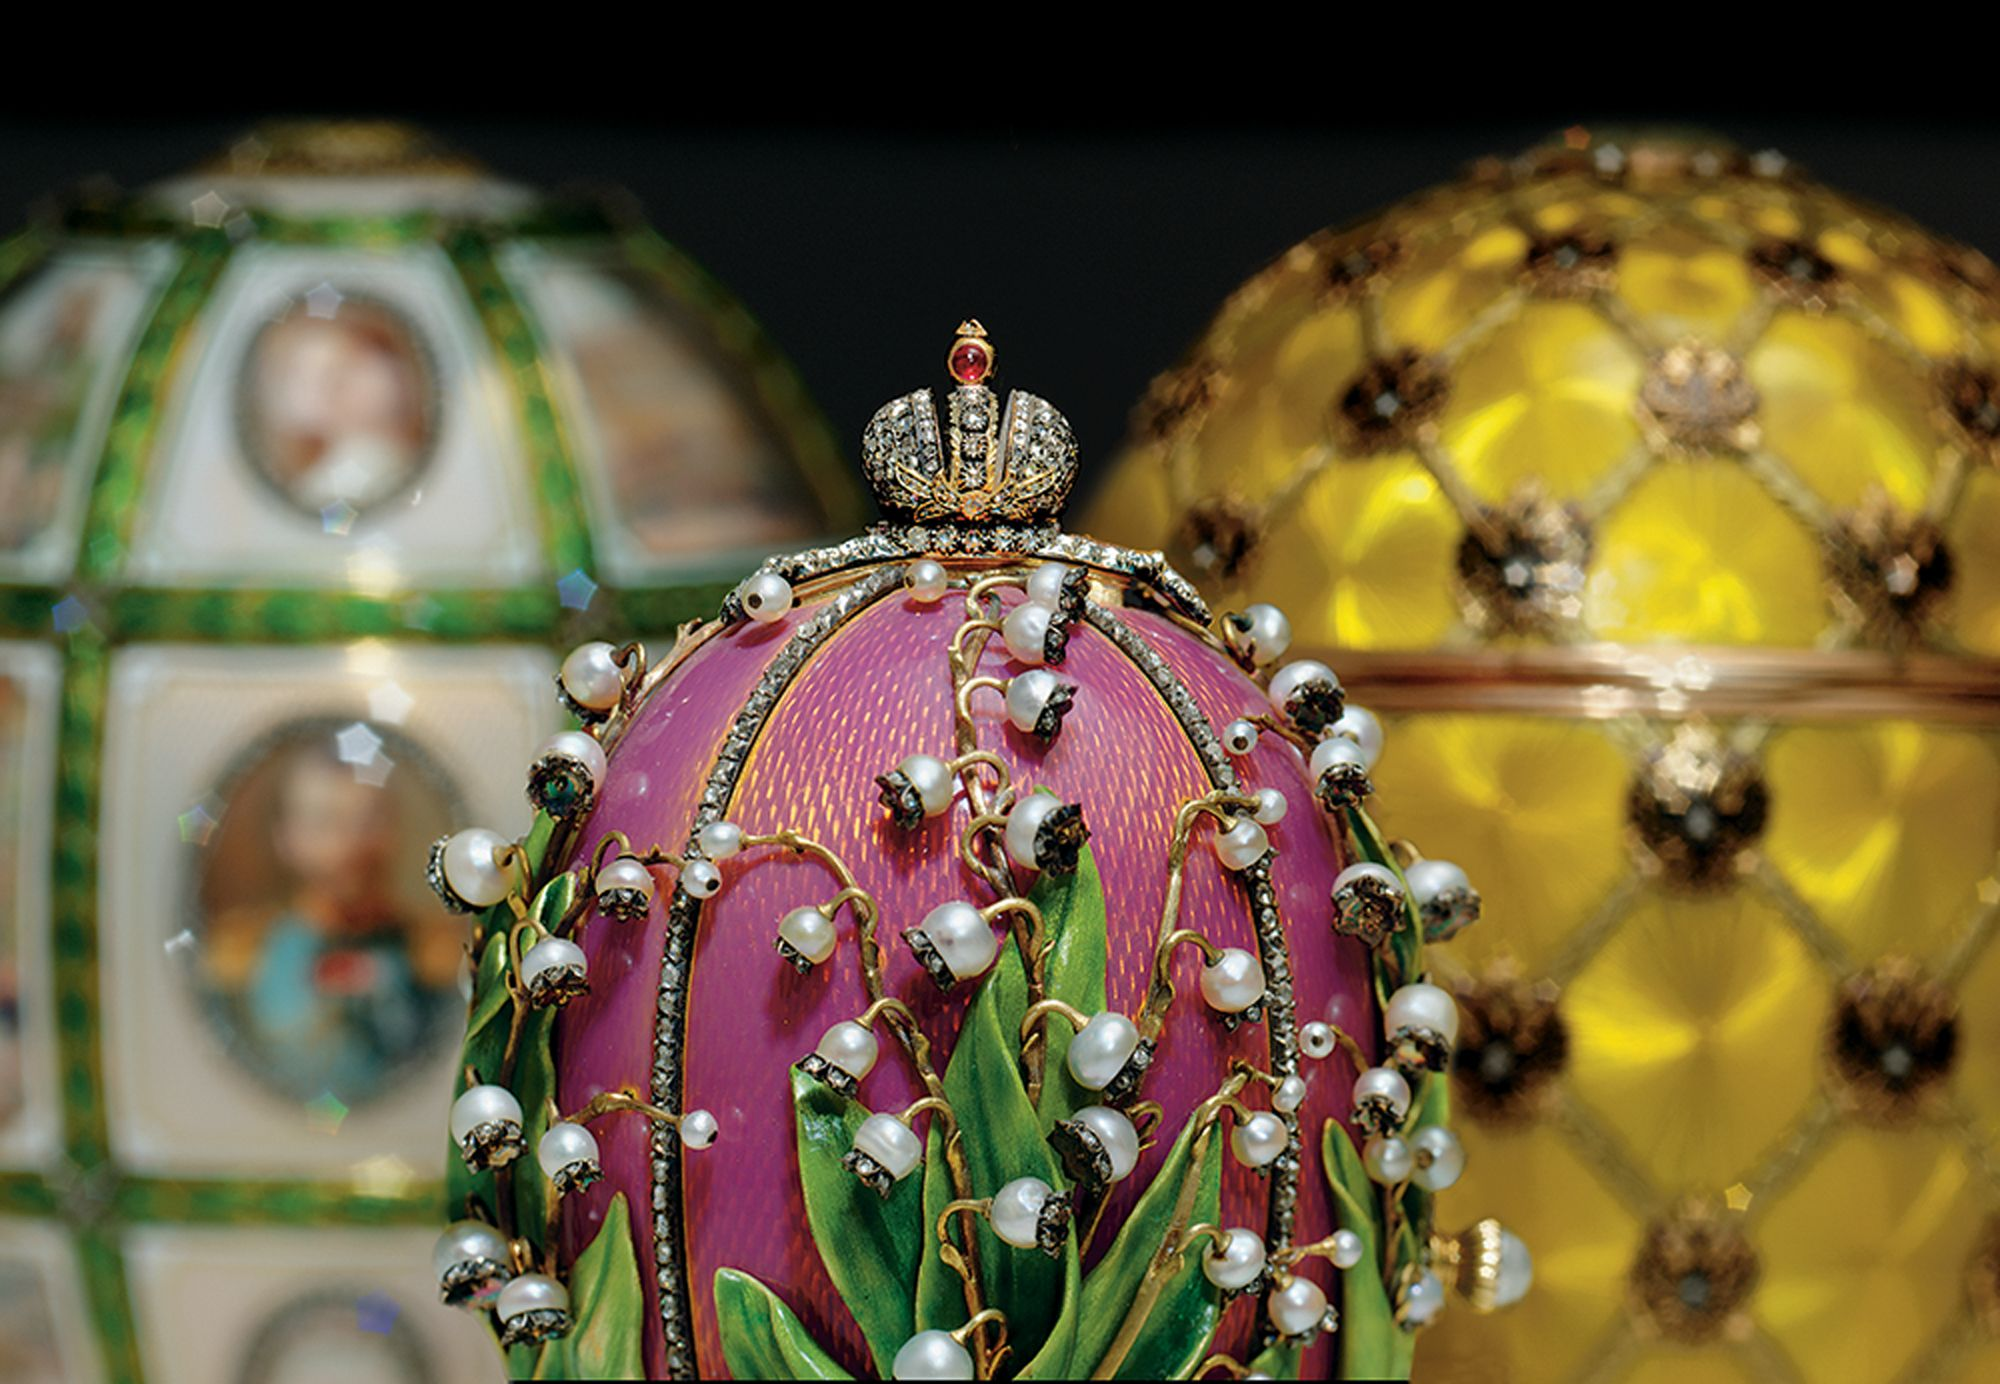 Huevos de Fabergé: El secreto mejor guardado de los zares